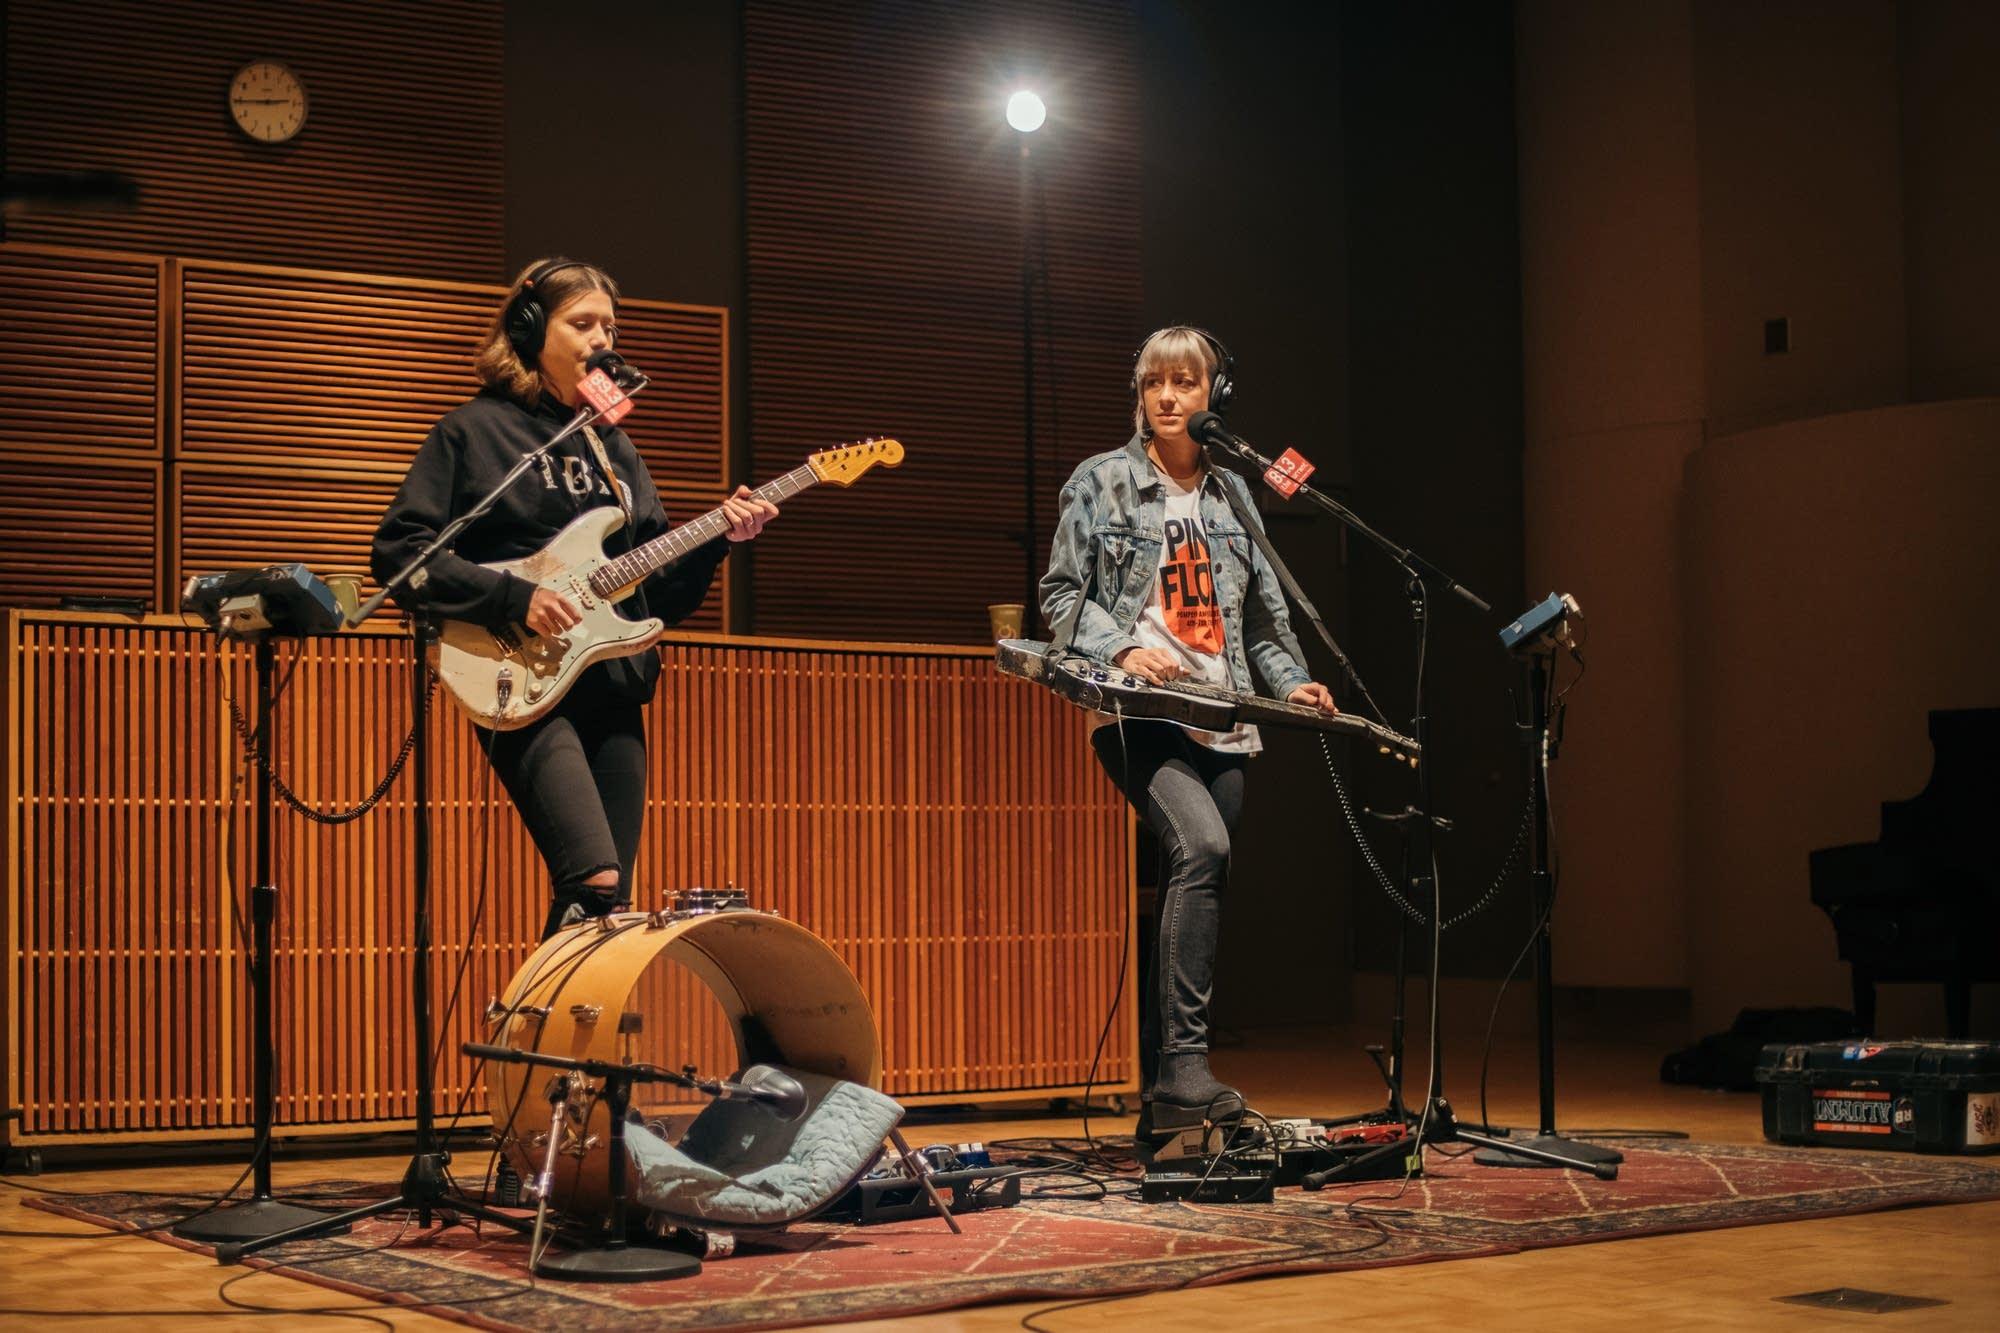 Larkin Poe perform in The Current studio